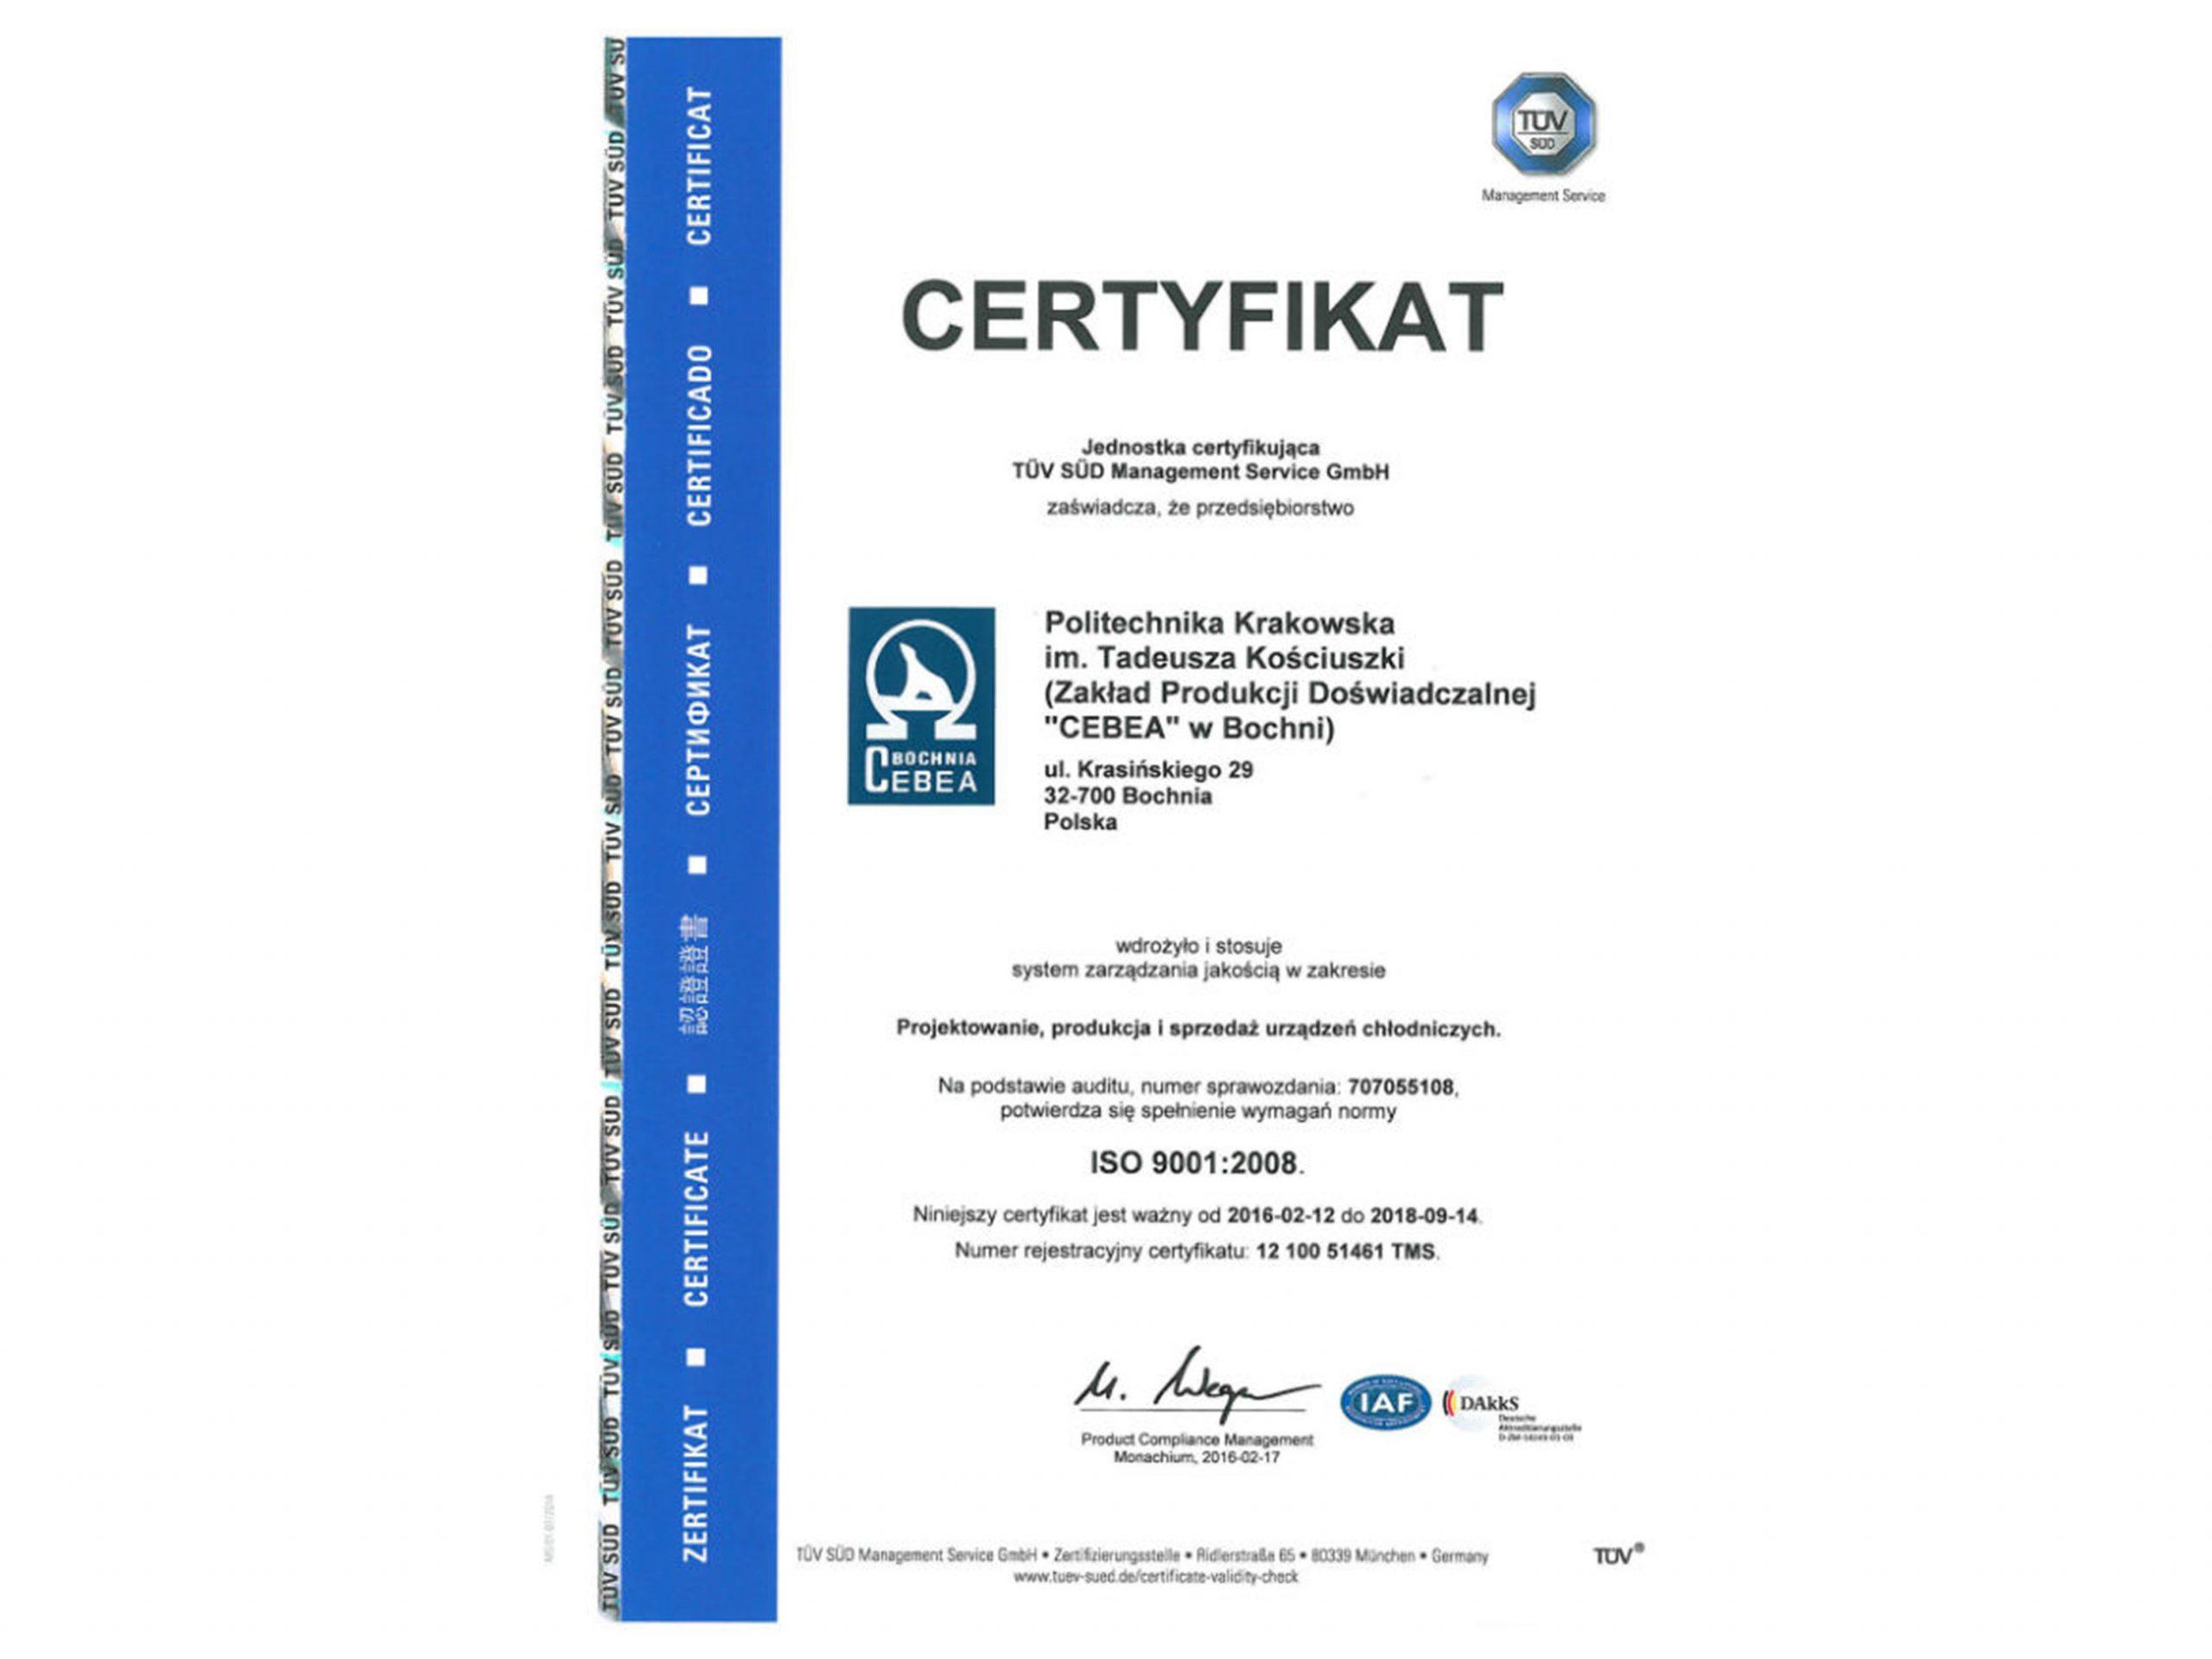 Certyfikat jakości ISO 9001:2008